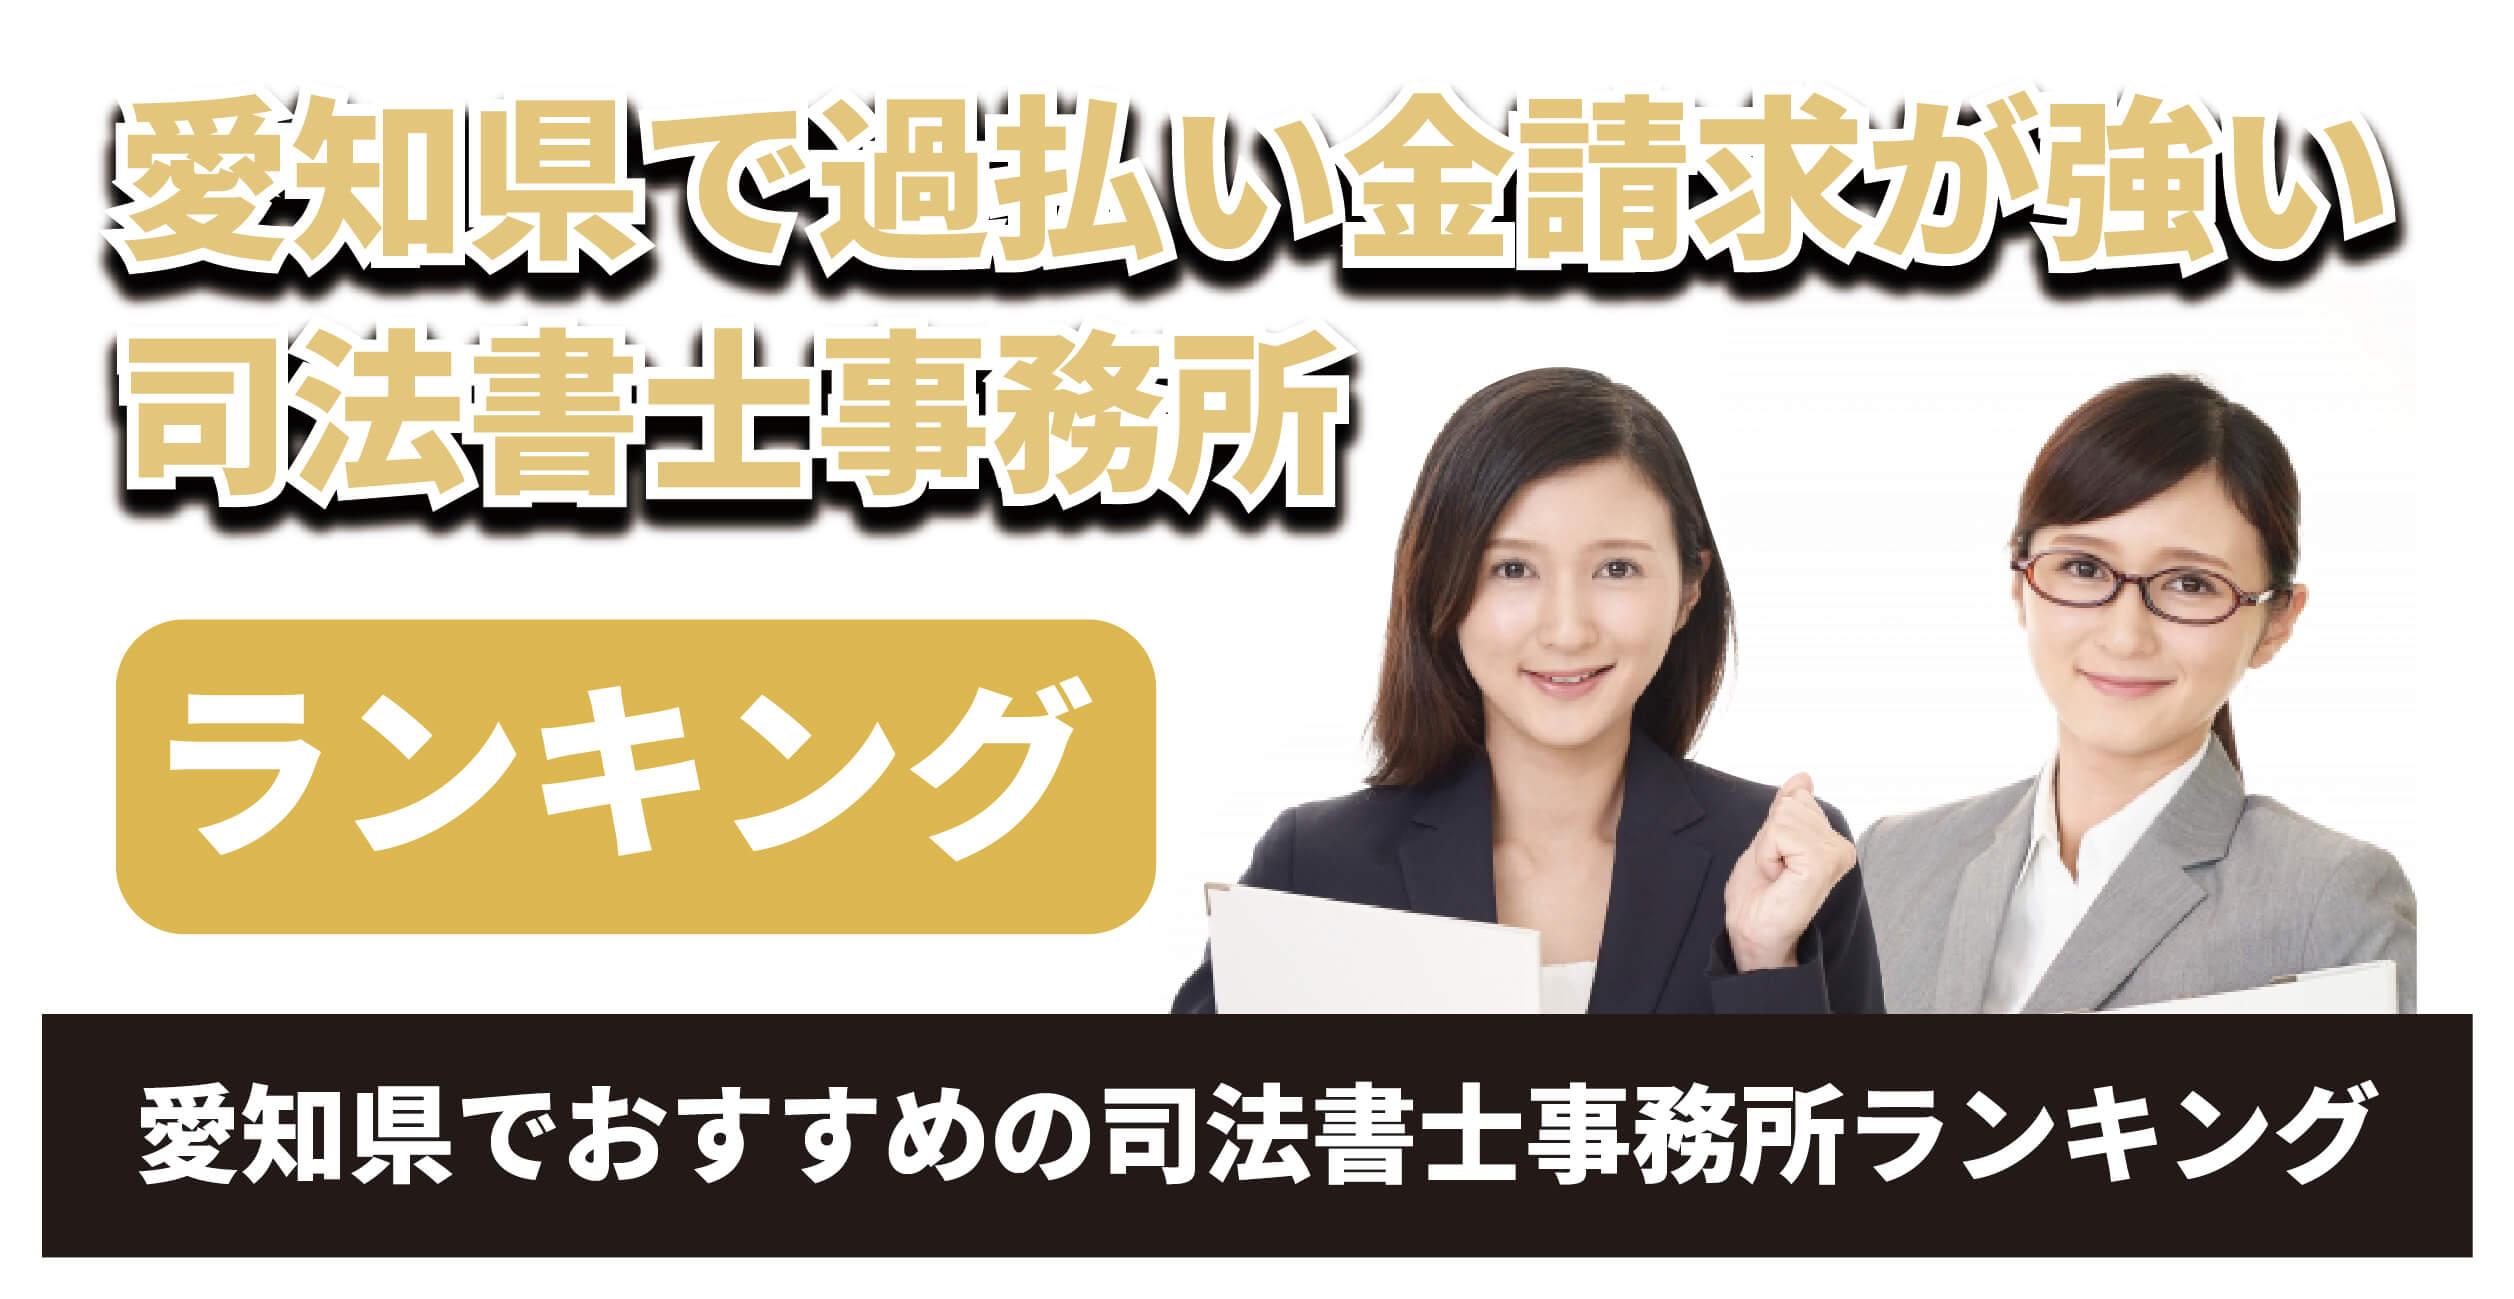 愛知県で過払い金請求に強い司法書士事務所